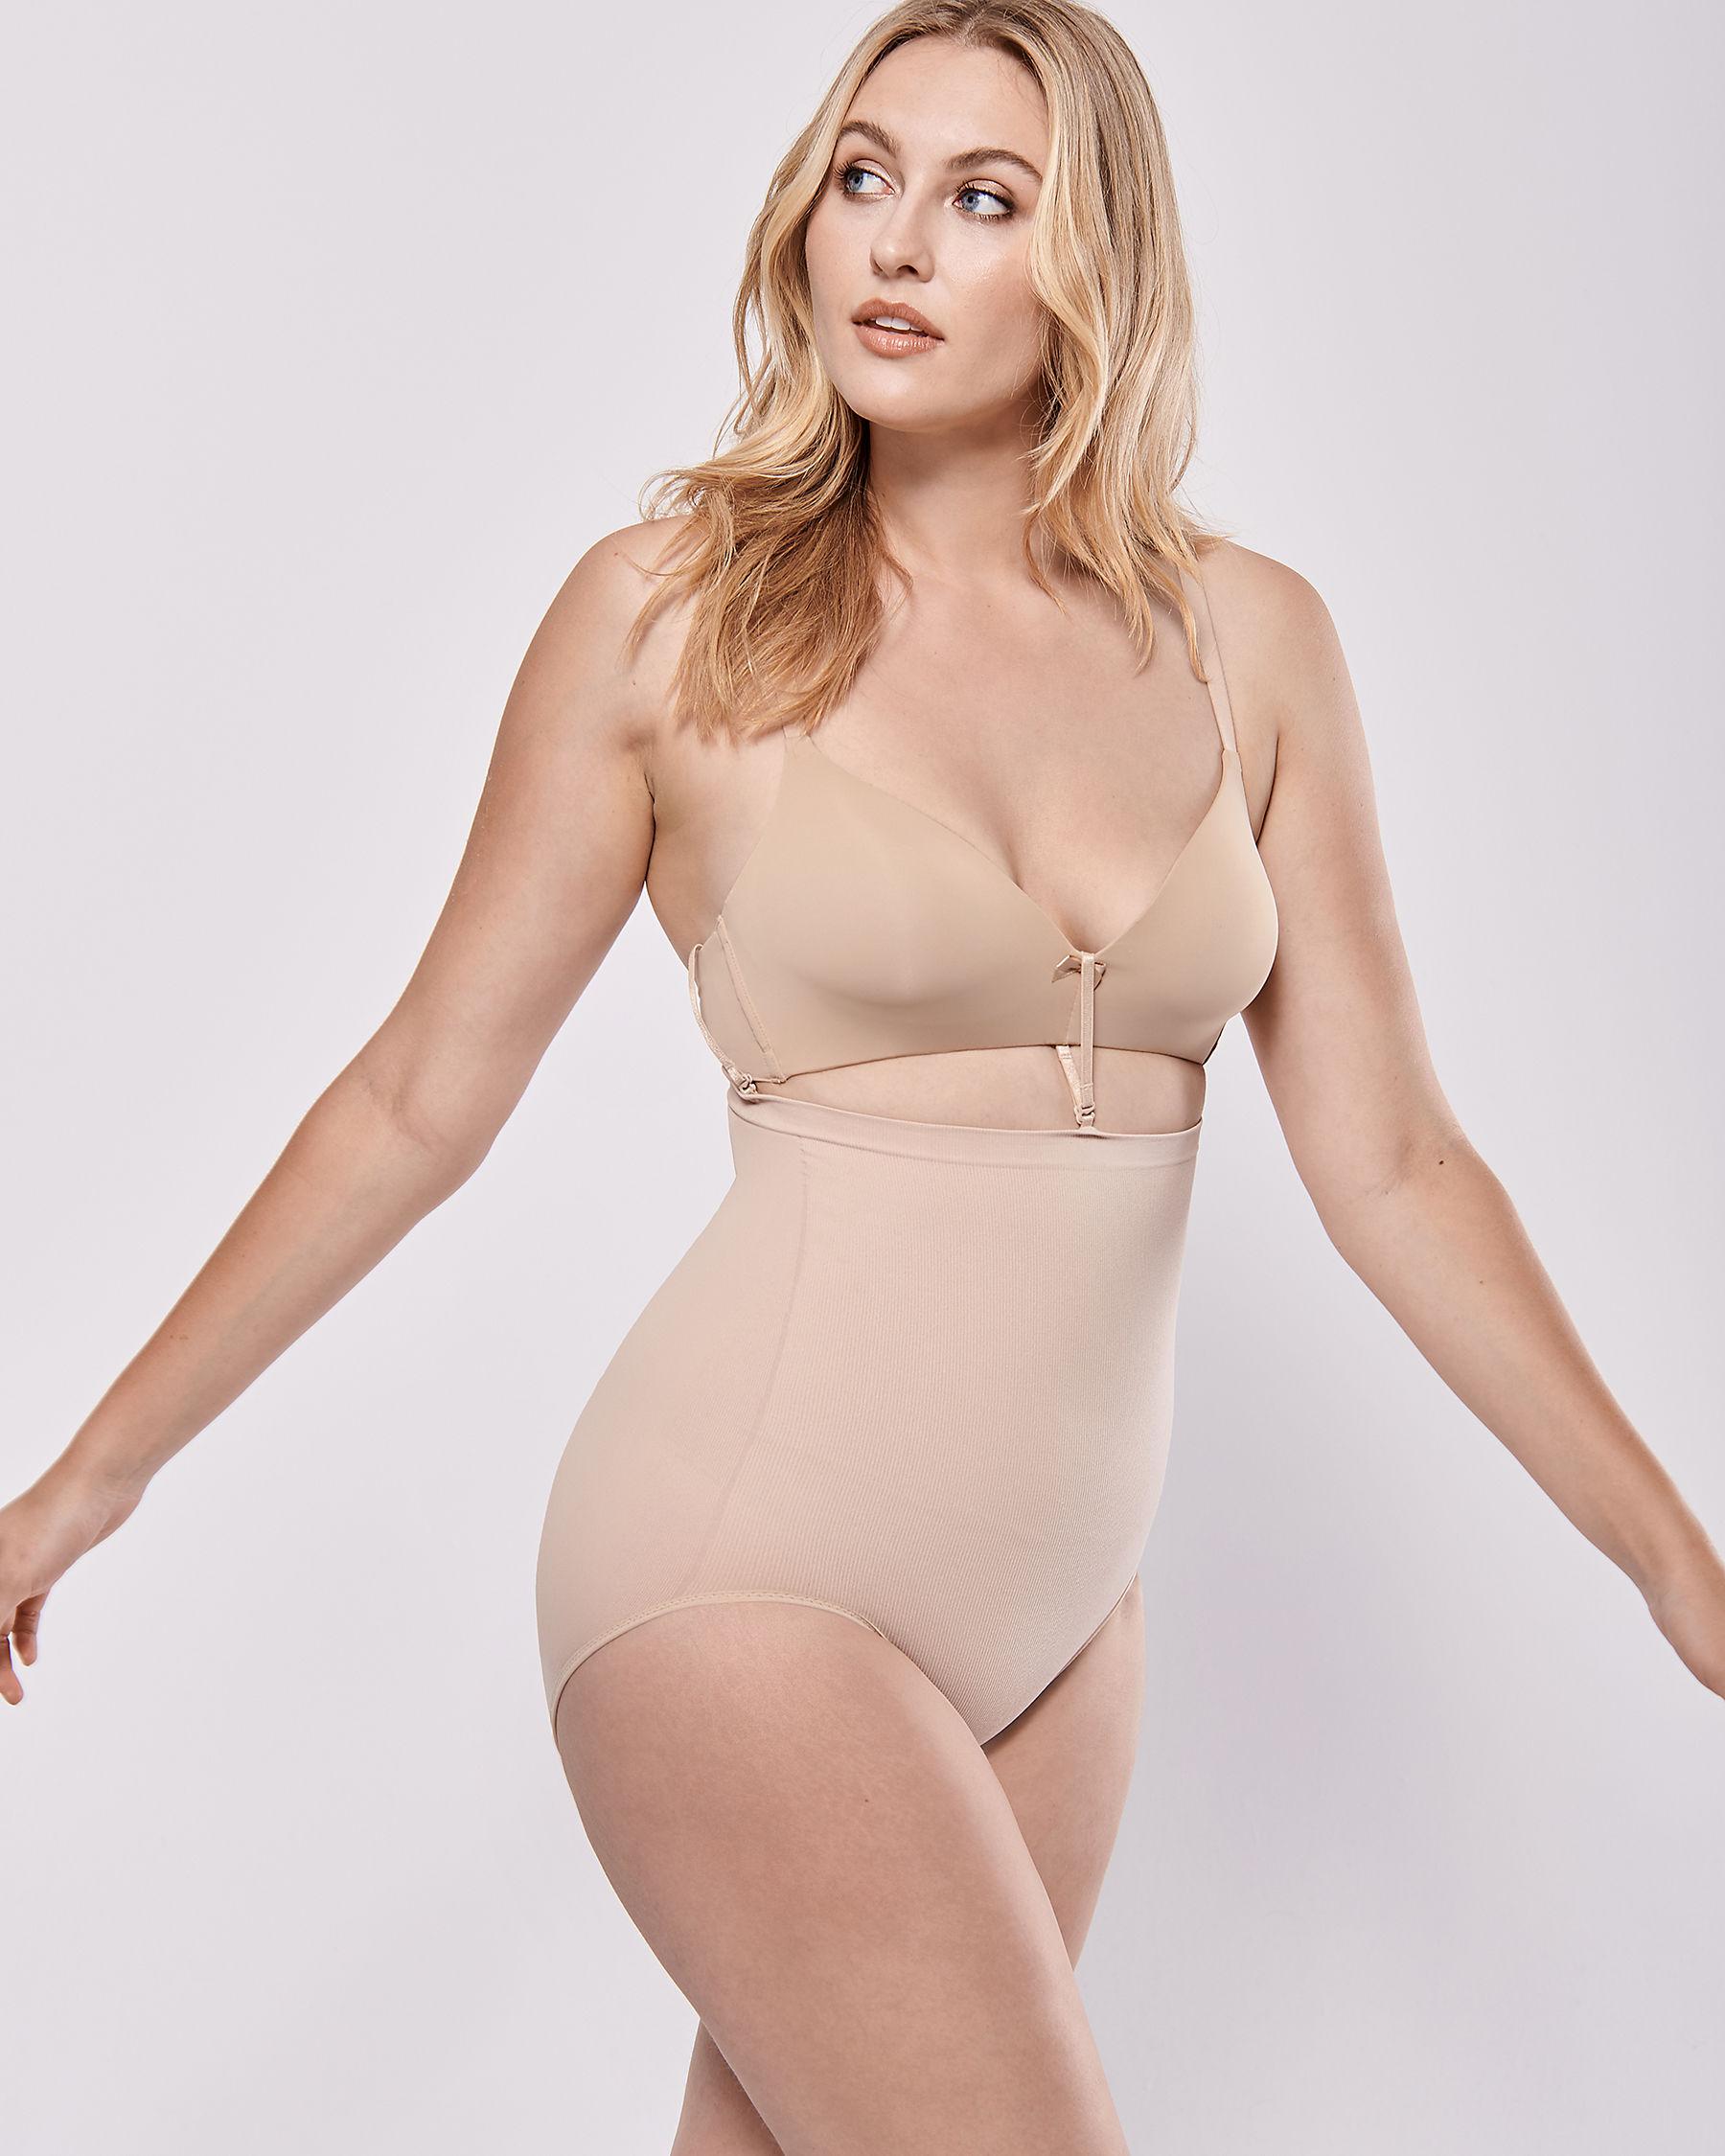 LA VIE EN ROSE Culotte bikini soutien léger Neutre 388-122-0-00 - Voir3